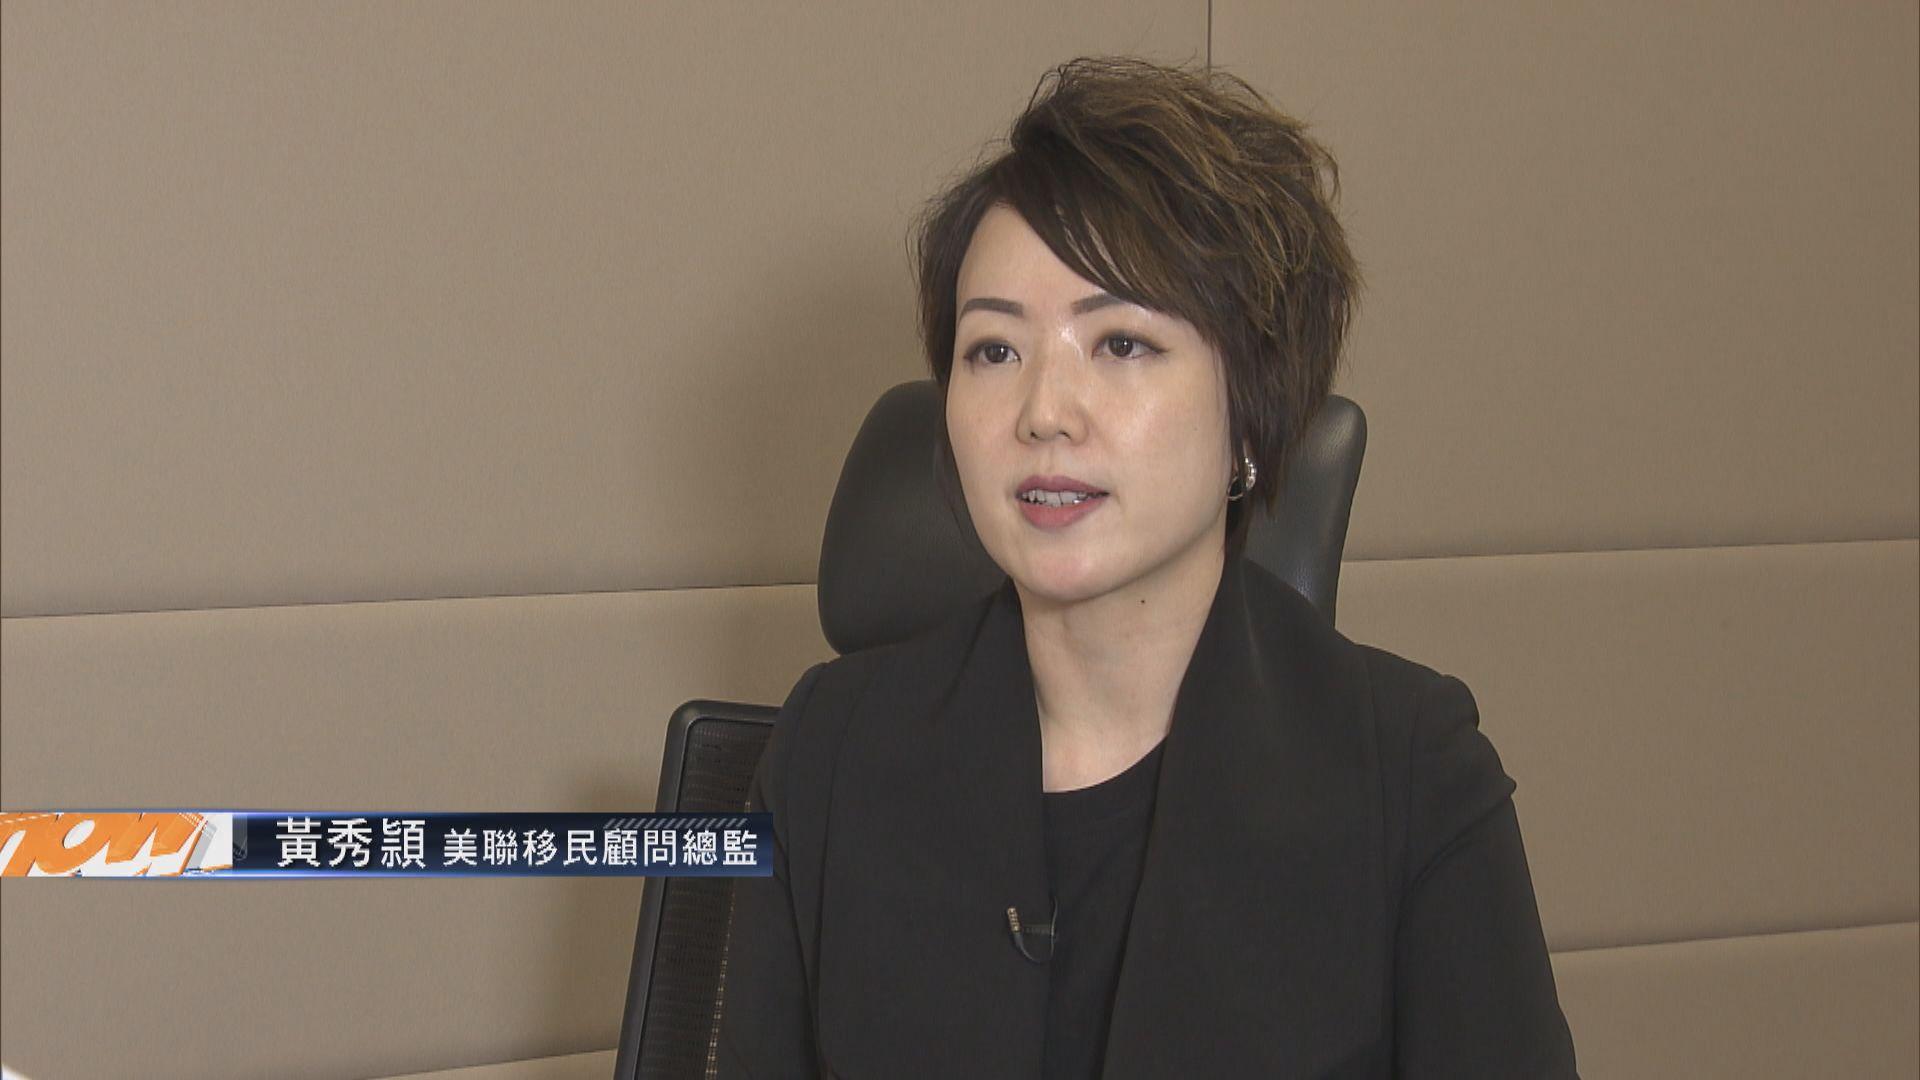 移民顧問:台灣、澳洲、加拿大移民查詢急升